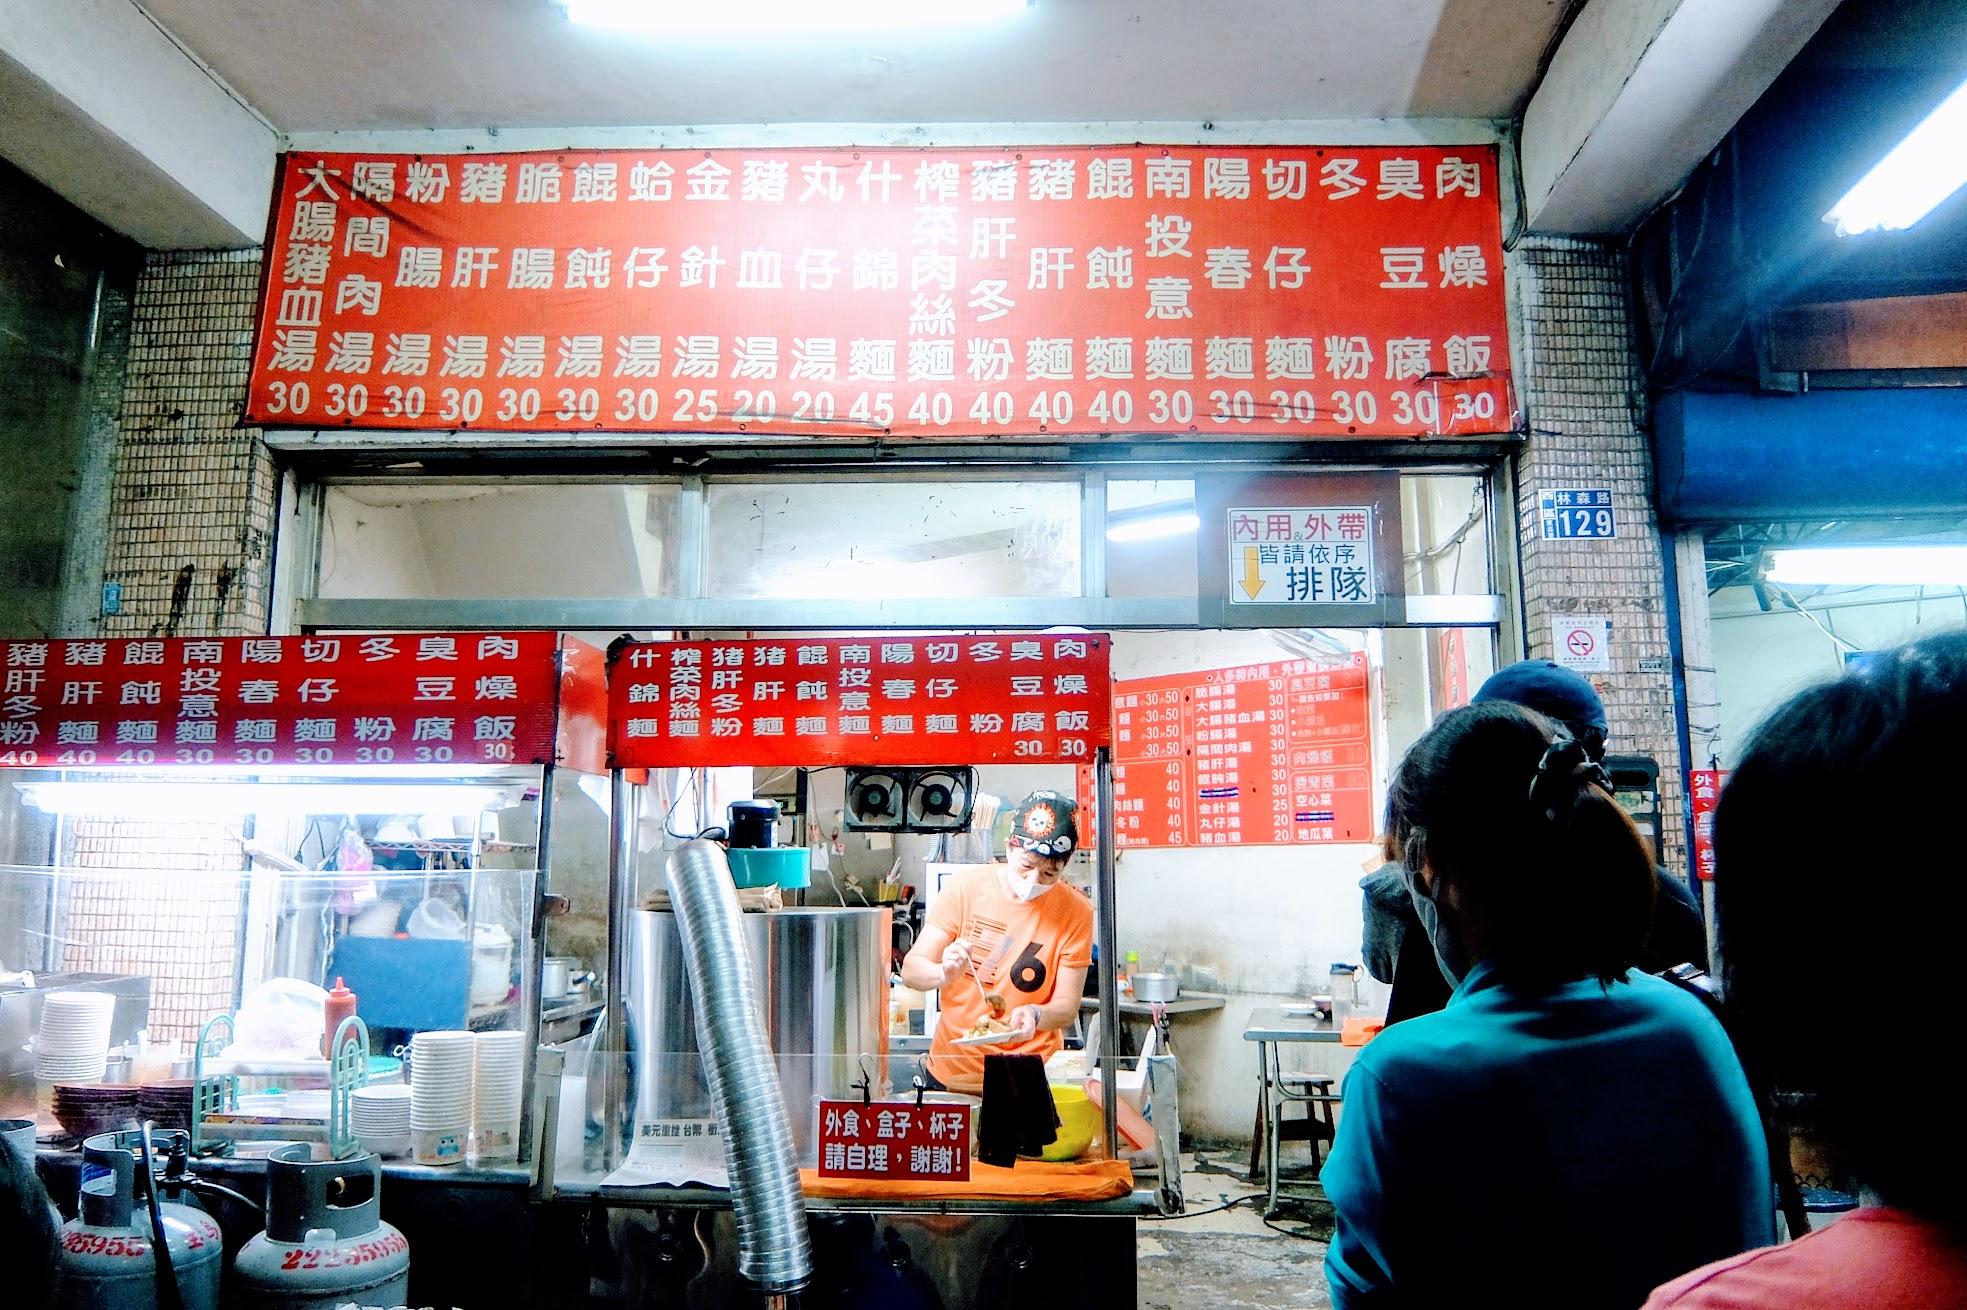 大家很整齊地排隊XD 有二小攤,一個專門處理臭豆腐,另一個則是麵、飯或小菜等